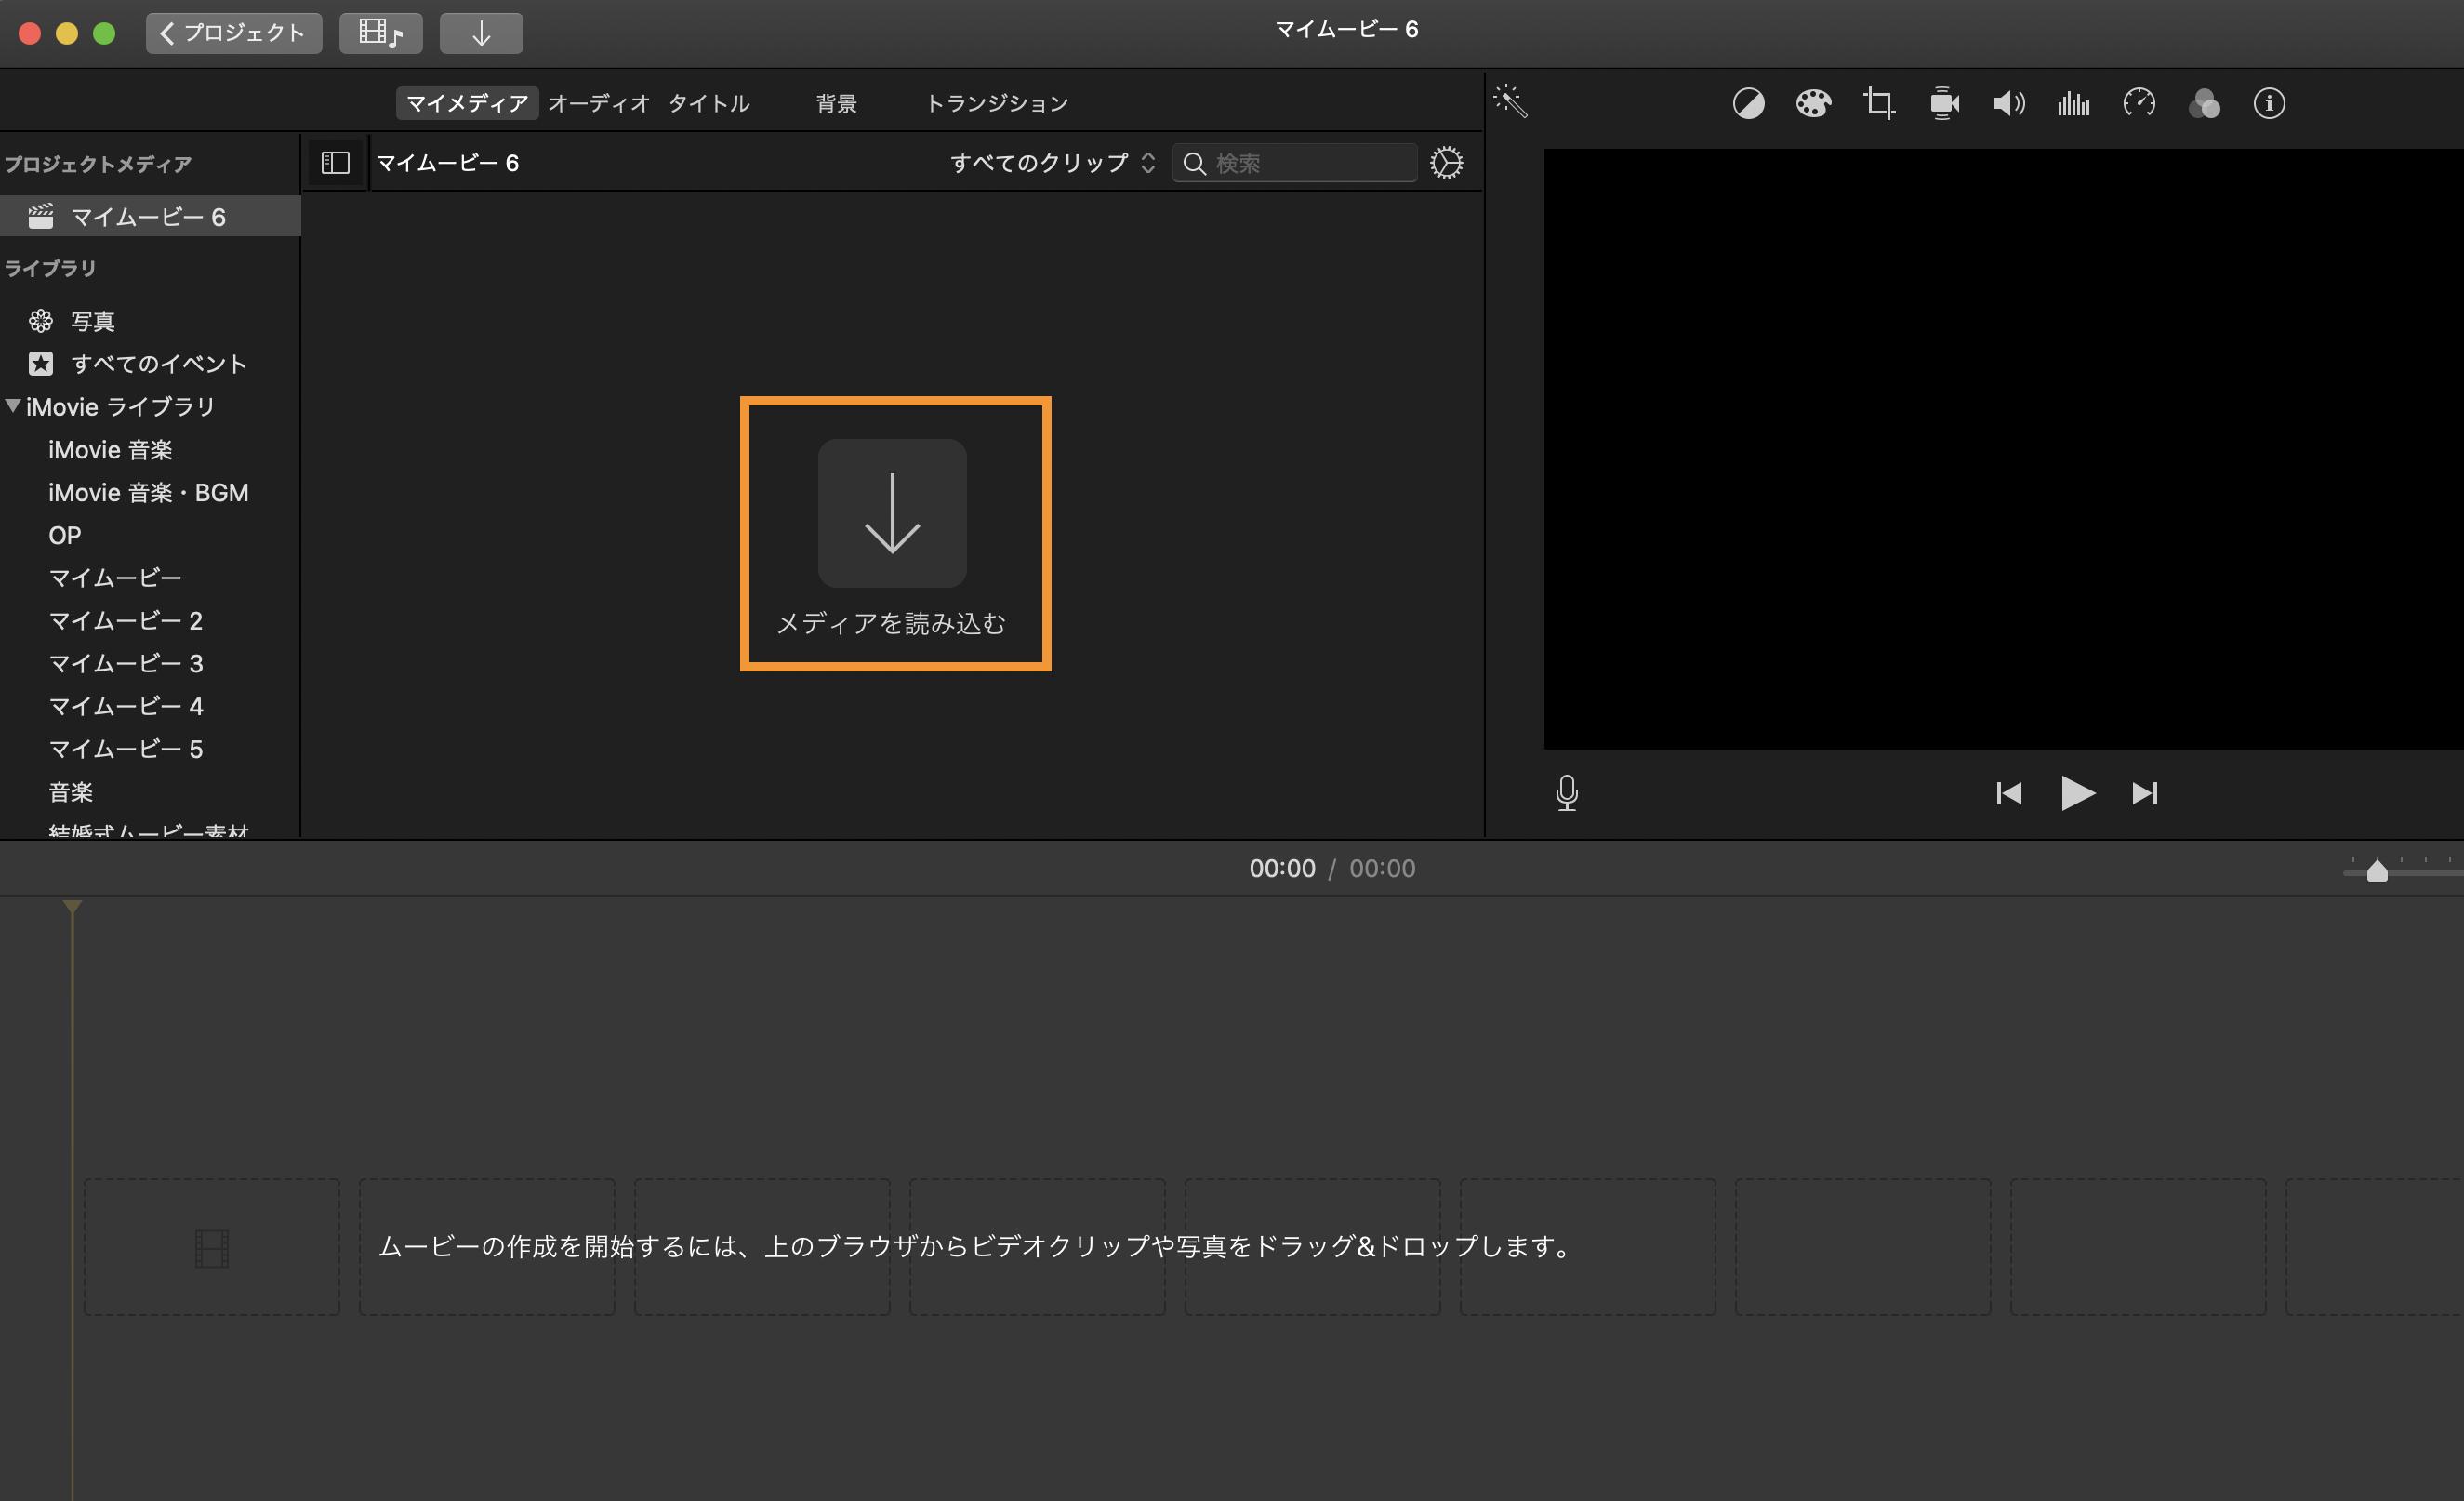 Mac 1 編集したい動画を読み込む